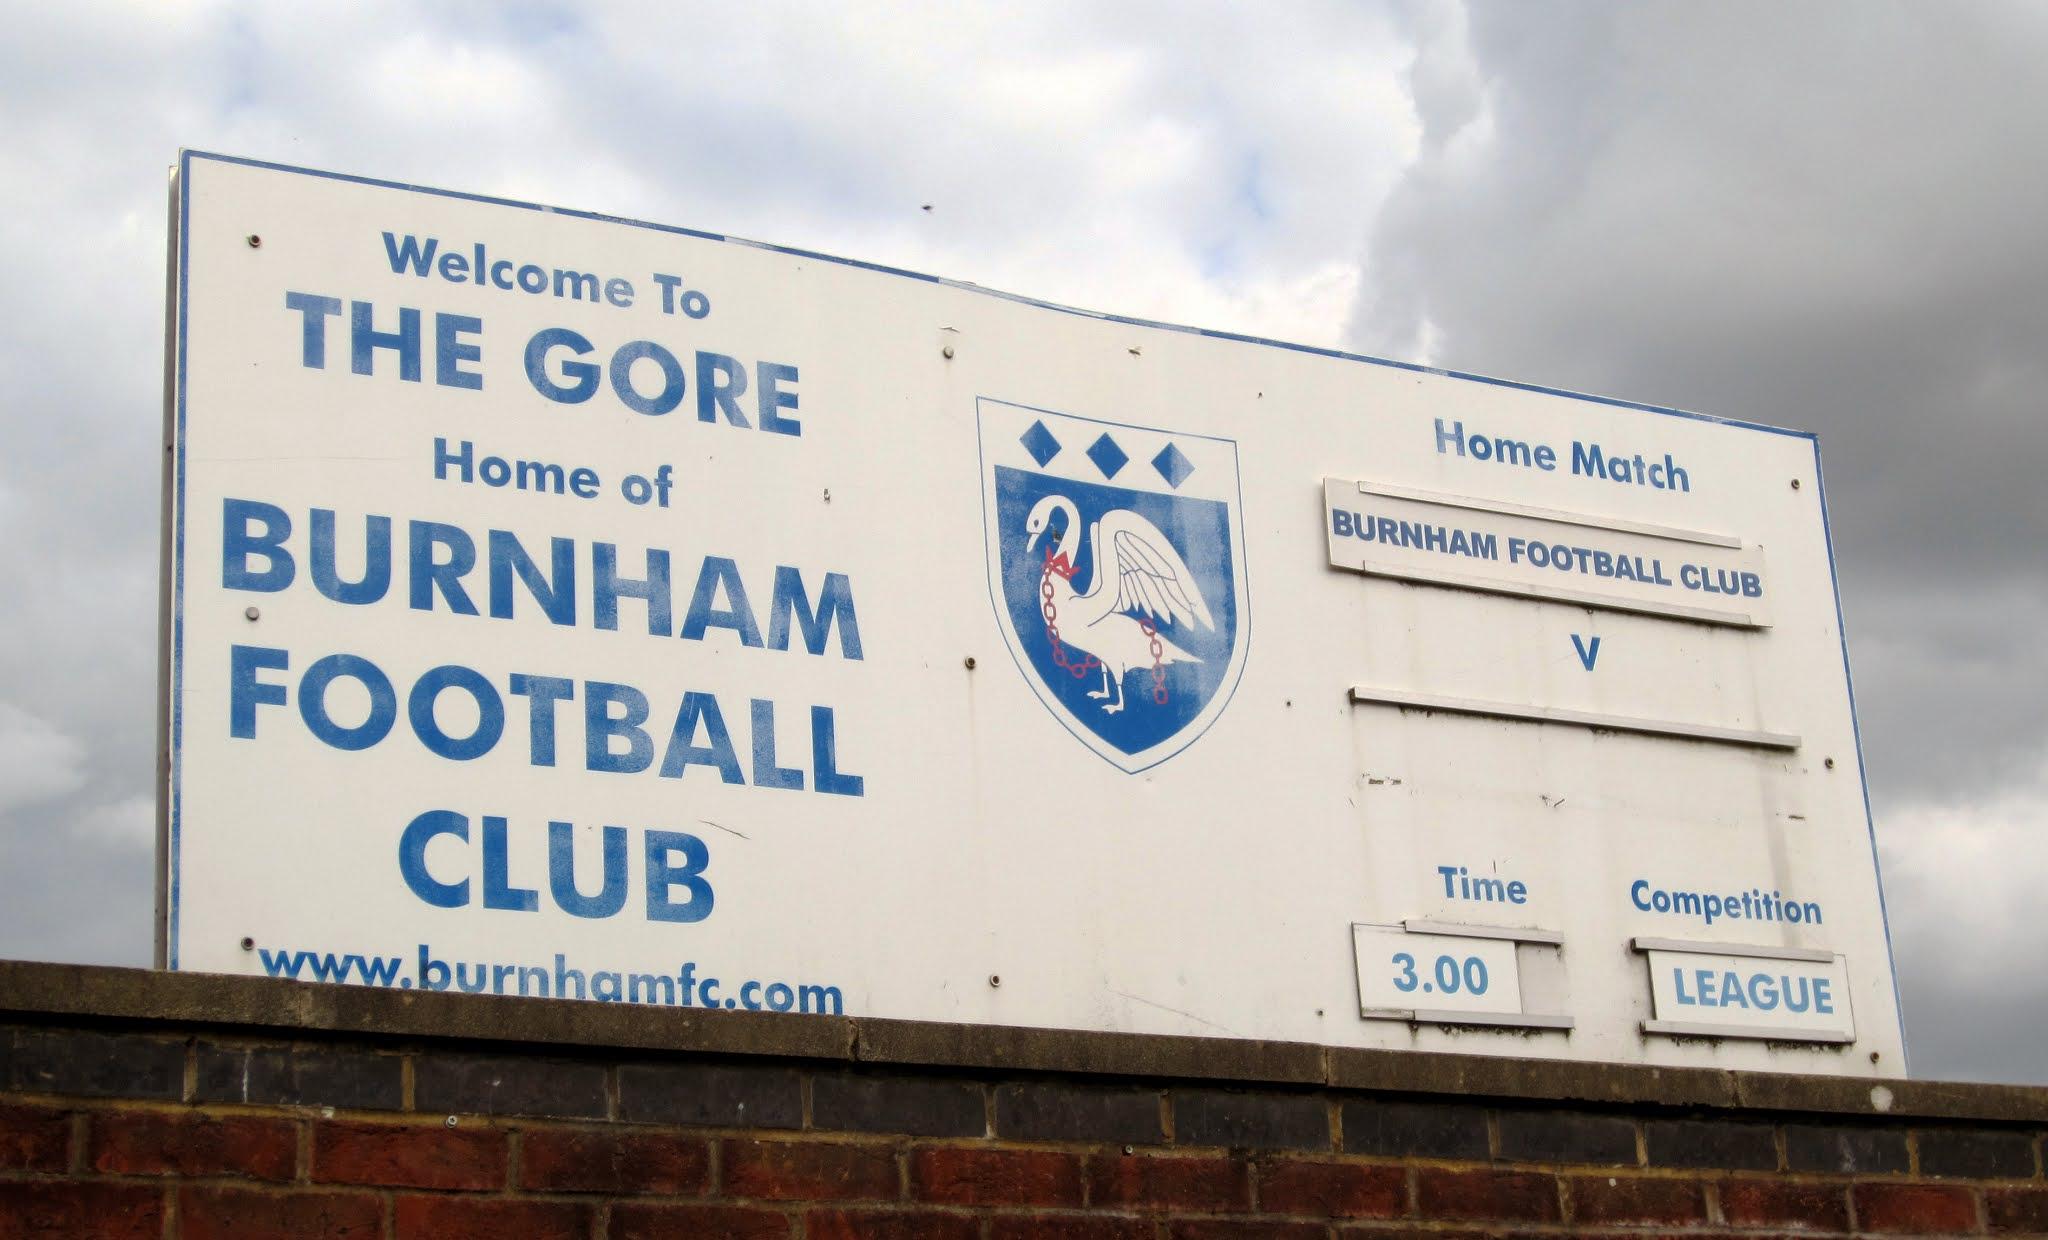 Sign outside The Gore, Burnham